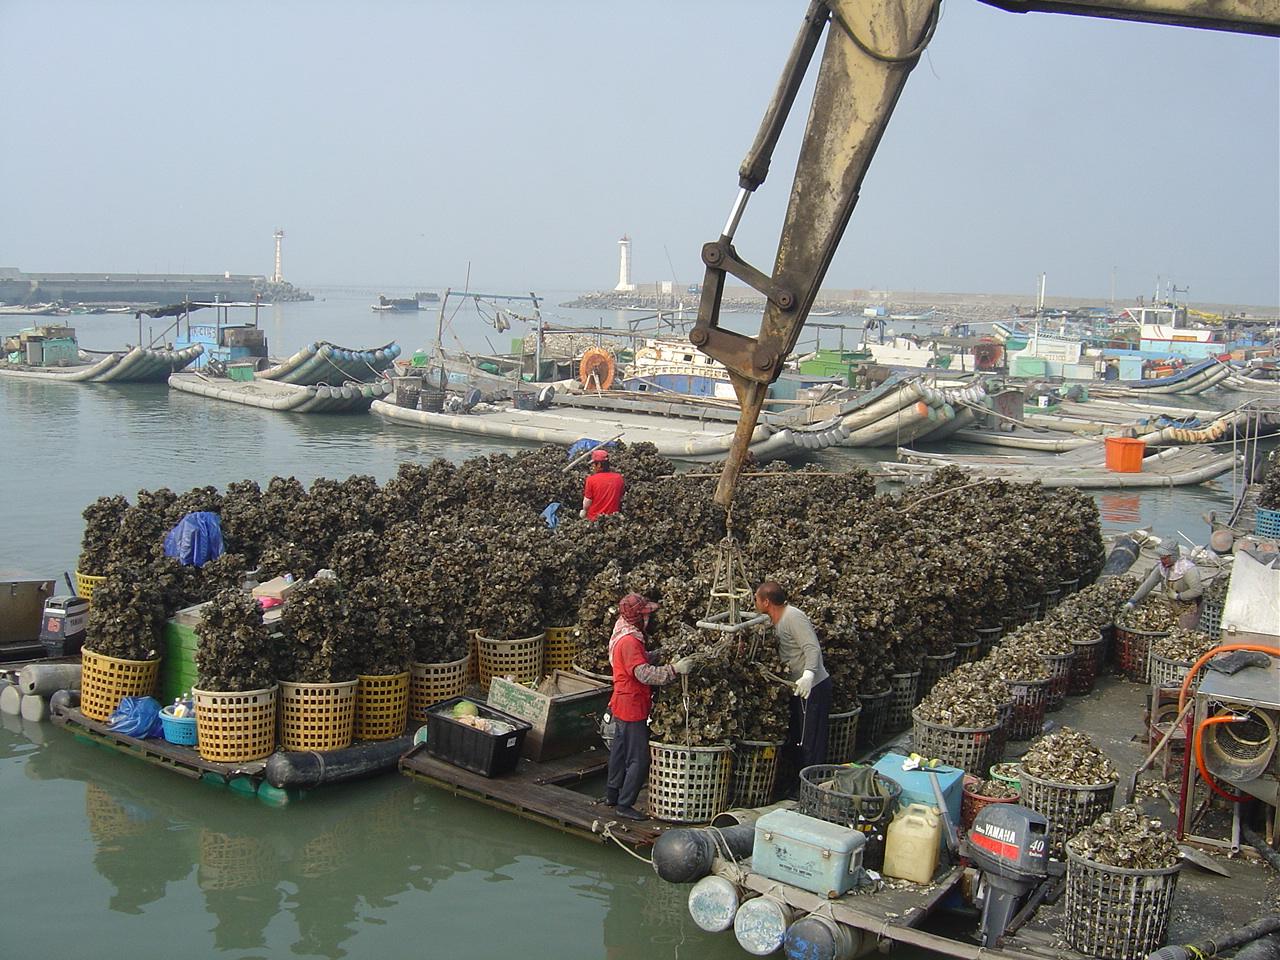 台西漁港はカキの養殖が盛んです